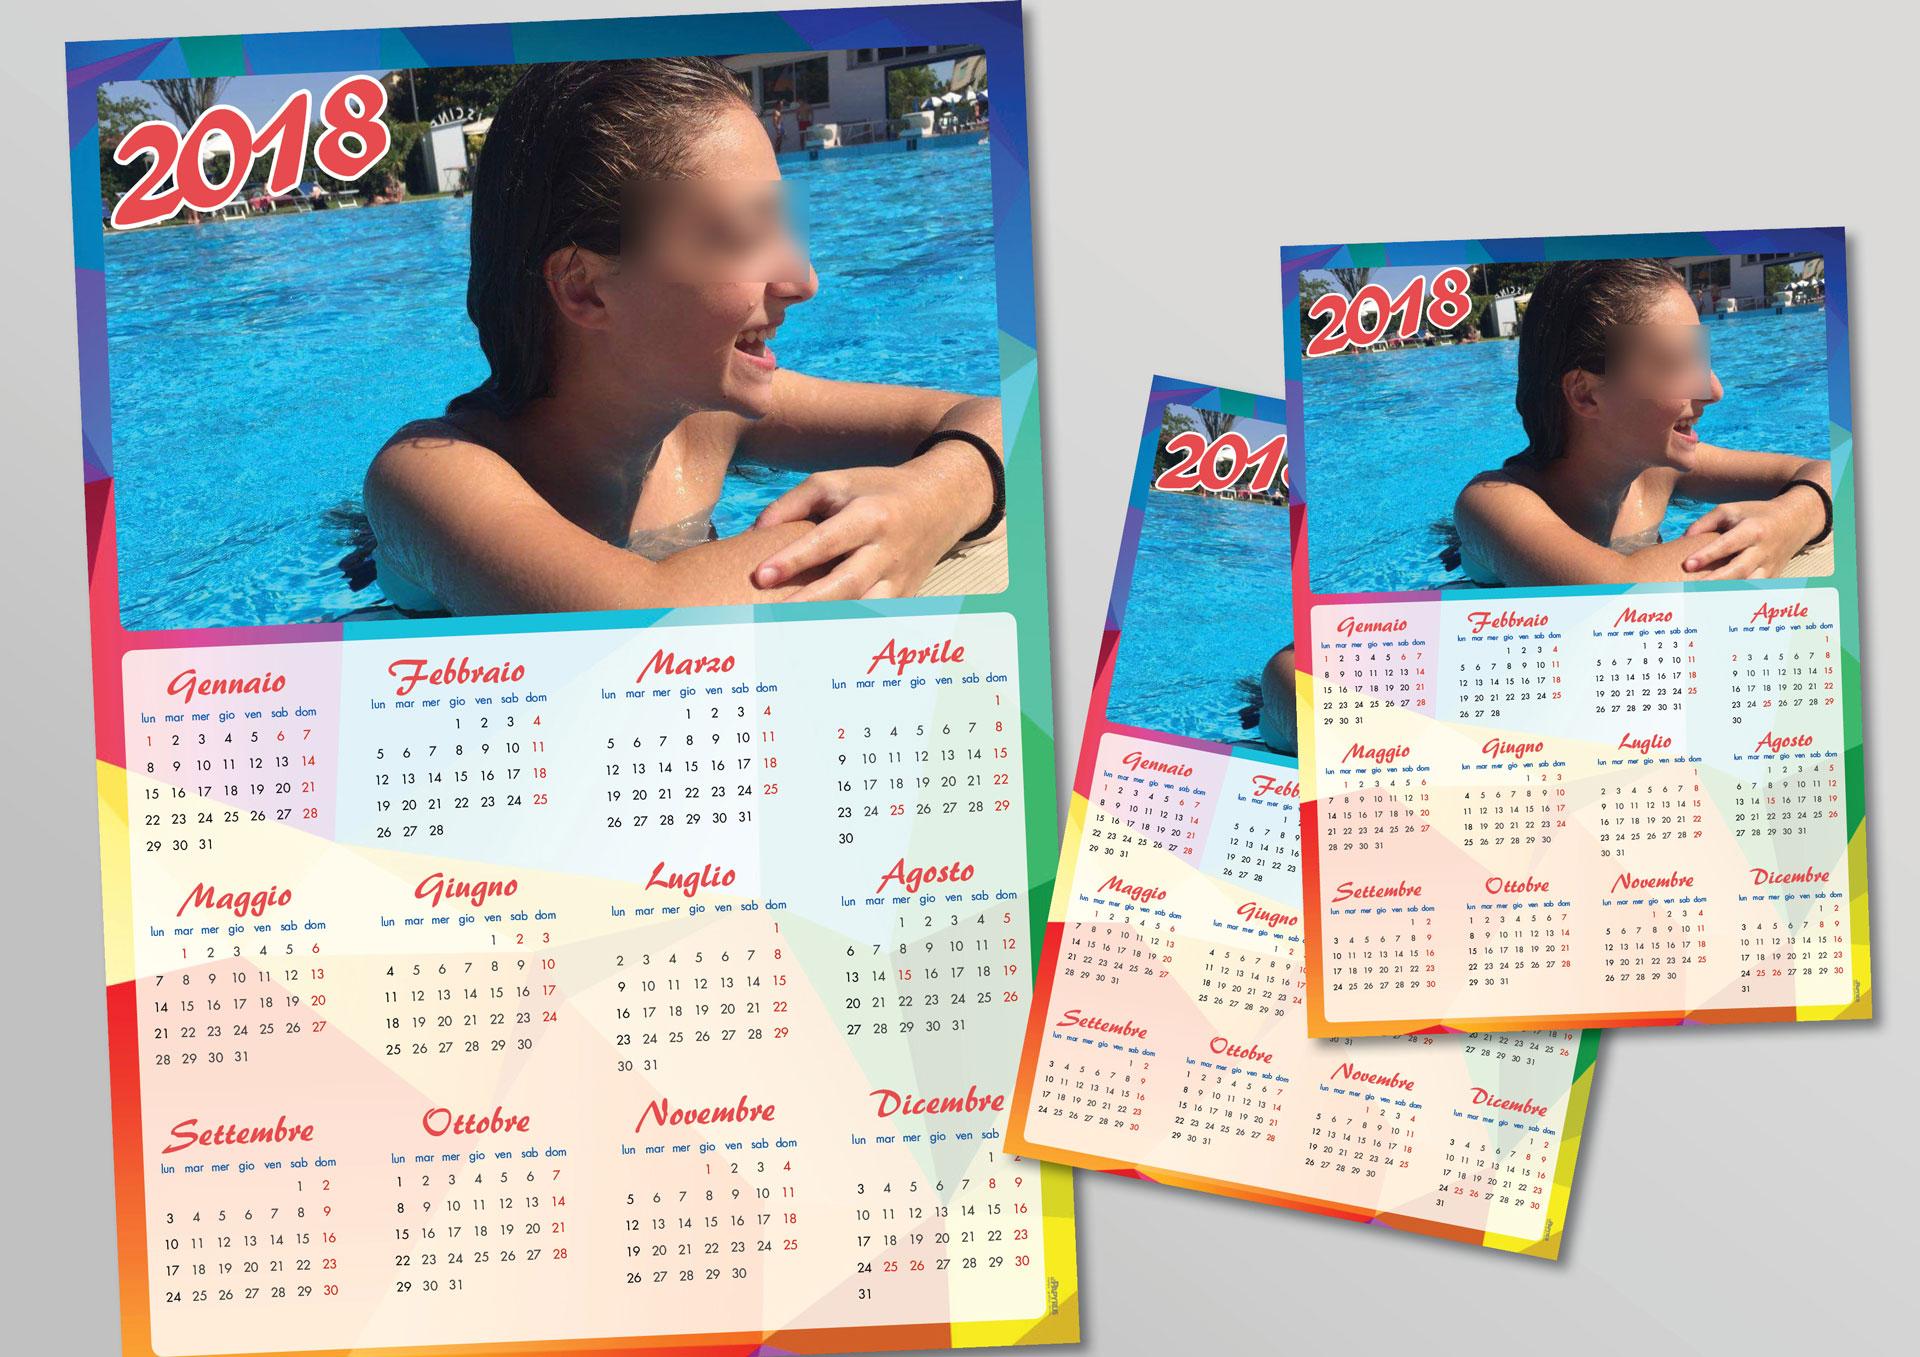 Calendario Bianconeri